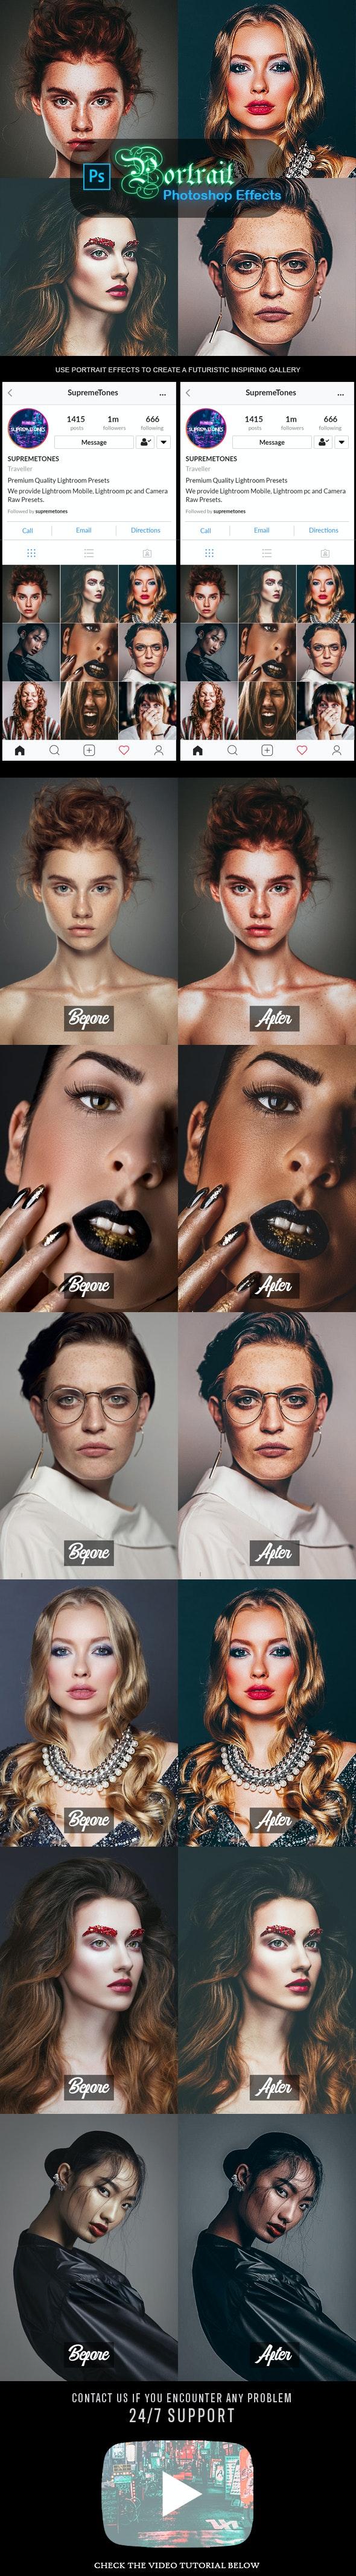 Stylish Portrait Photoshop Effects - Actions Photoshop